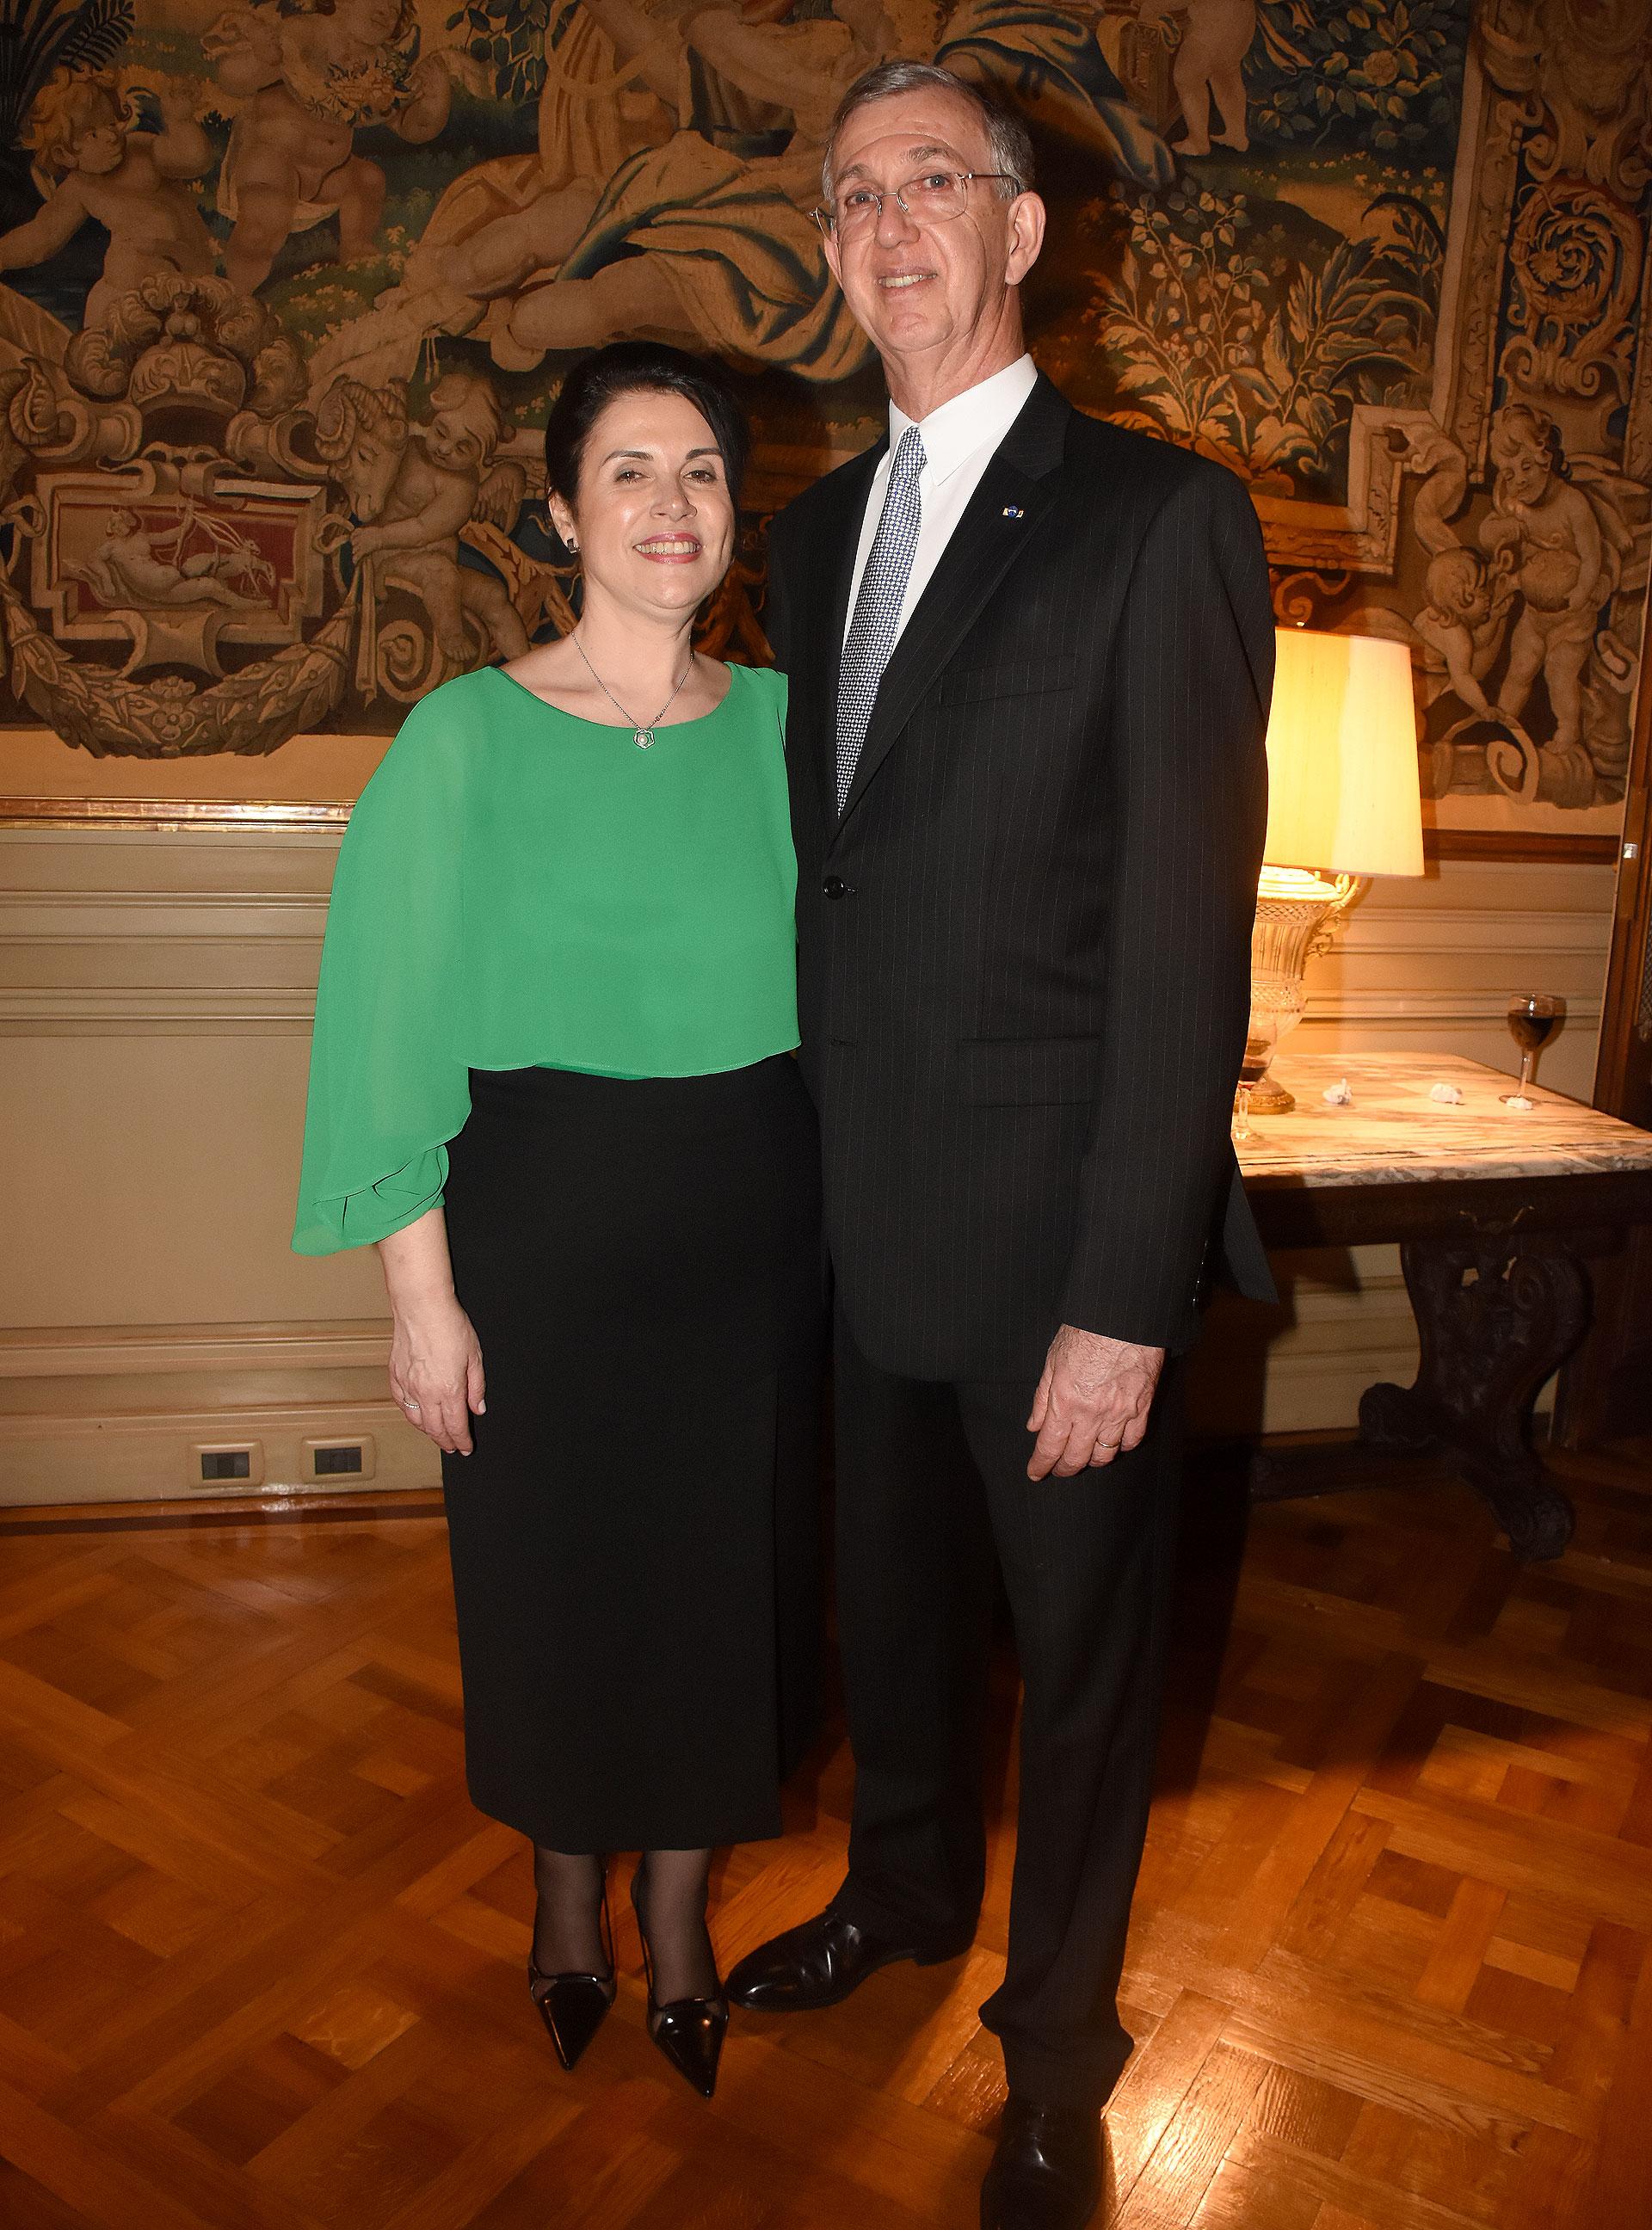 El embajador Sérgio Danese y su mujer Ángela ofrecieron un cóctel, en conmemoración del 196º aniversario de la Independencia de Brasil